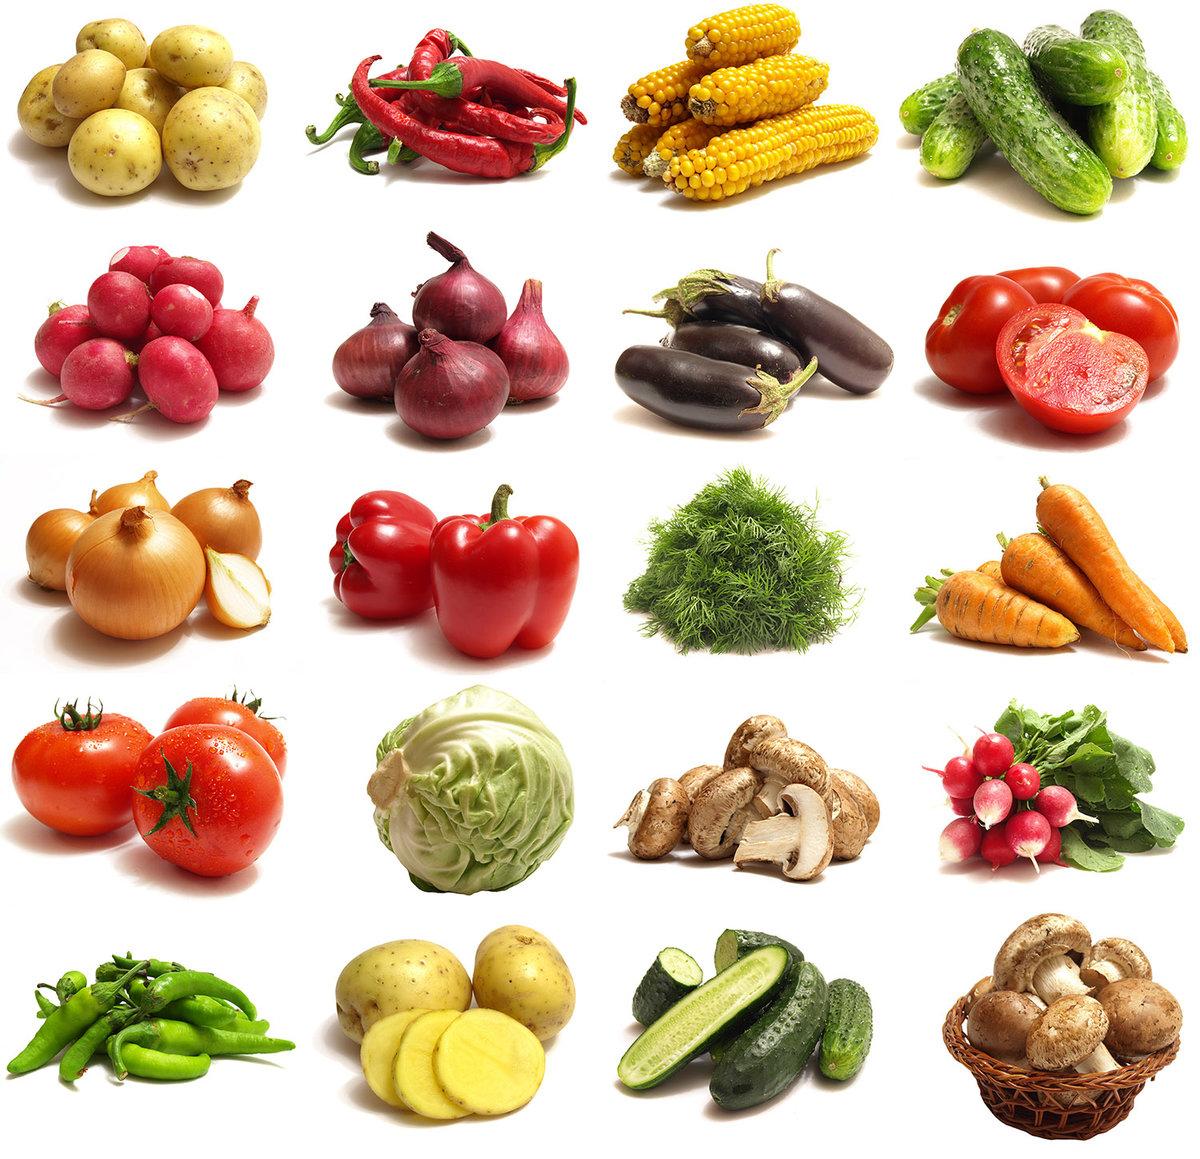 Цветные картинки с овощами для детей